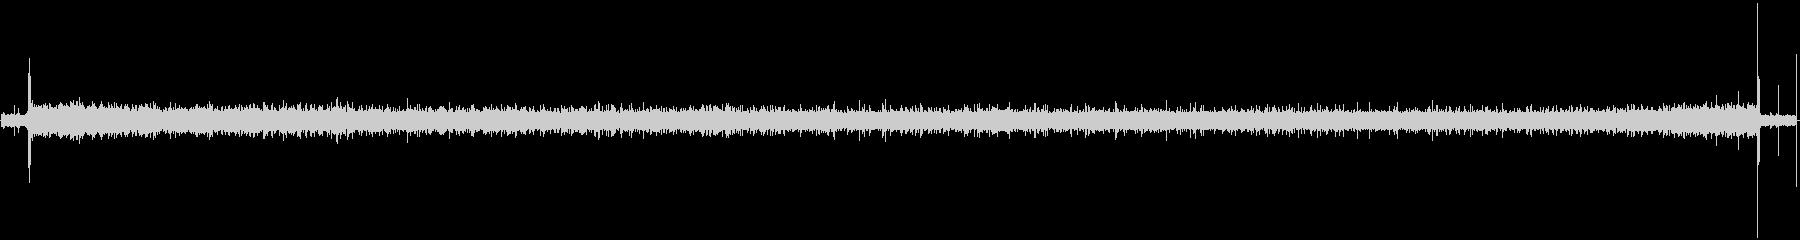 カセットテープのヒスノイズ(サーー)の未再生の波形